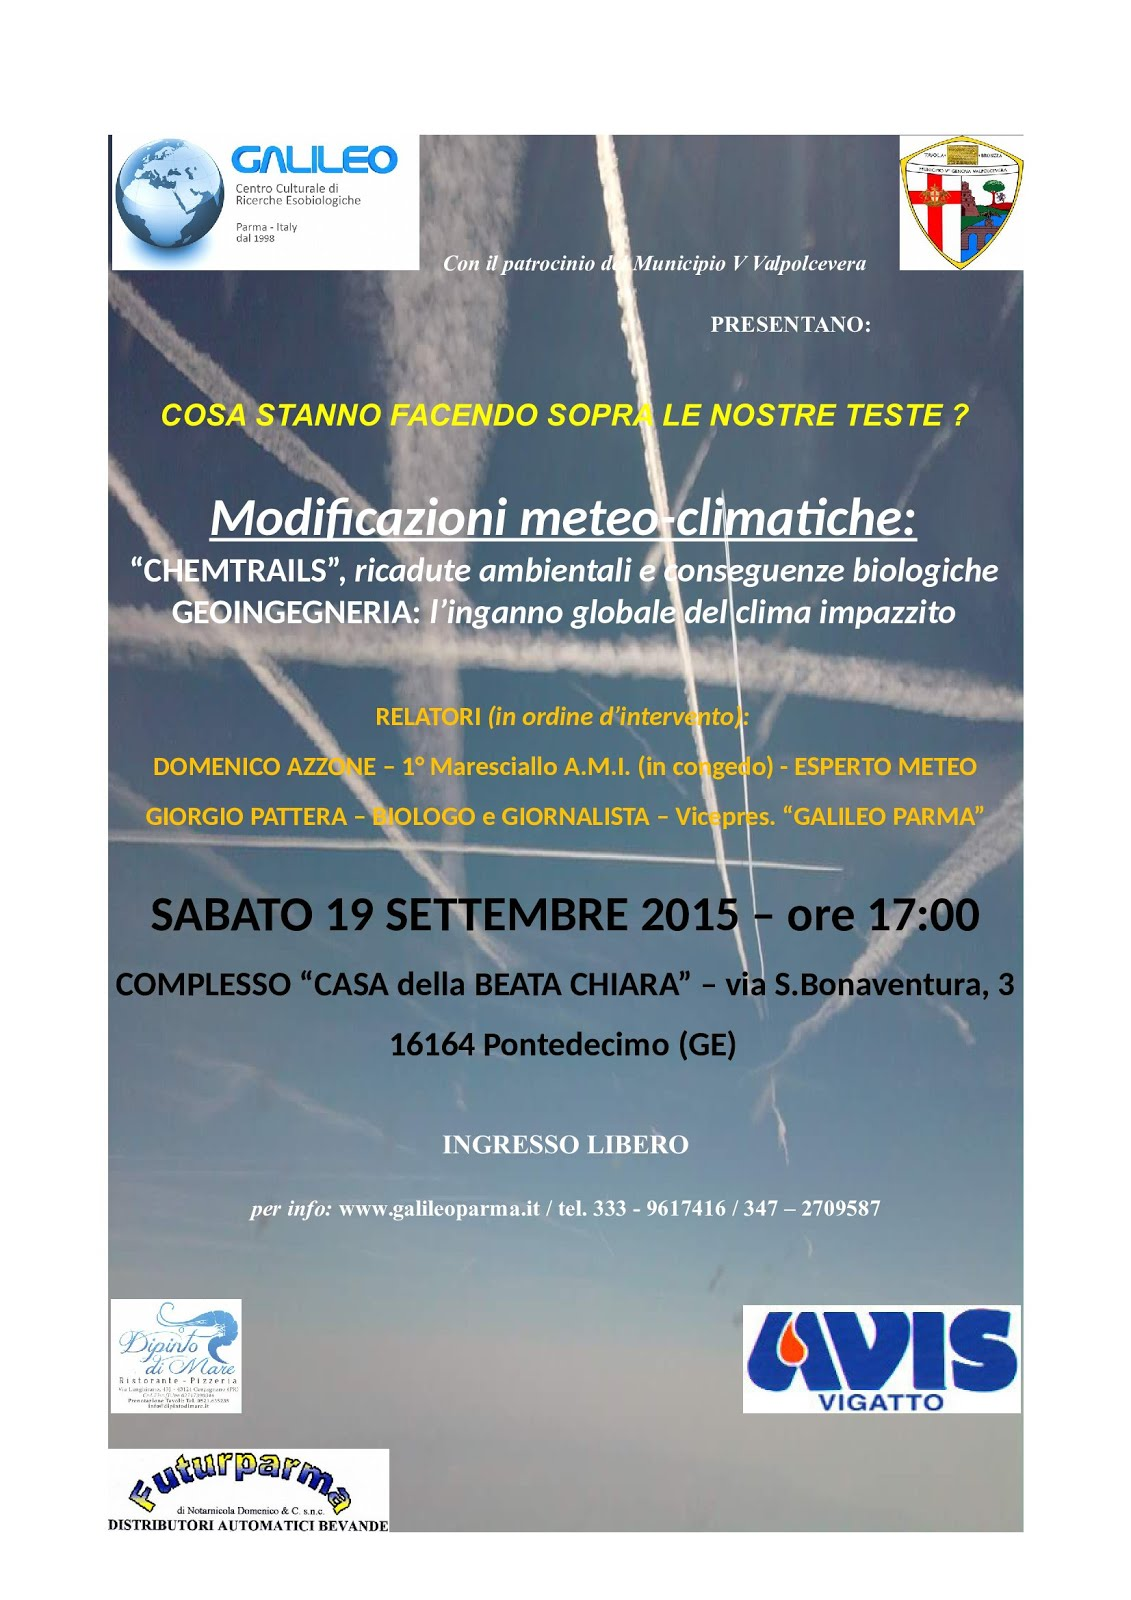 MODIFICAZIONI METEO-CLIMATICHE: CHEMTRAILS ricadute ambientali e conseguenze biologiche...